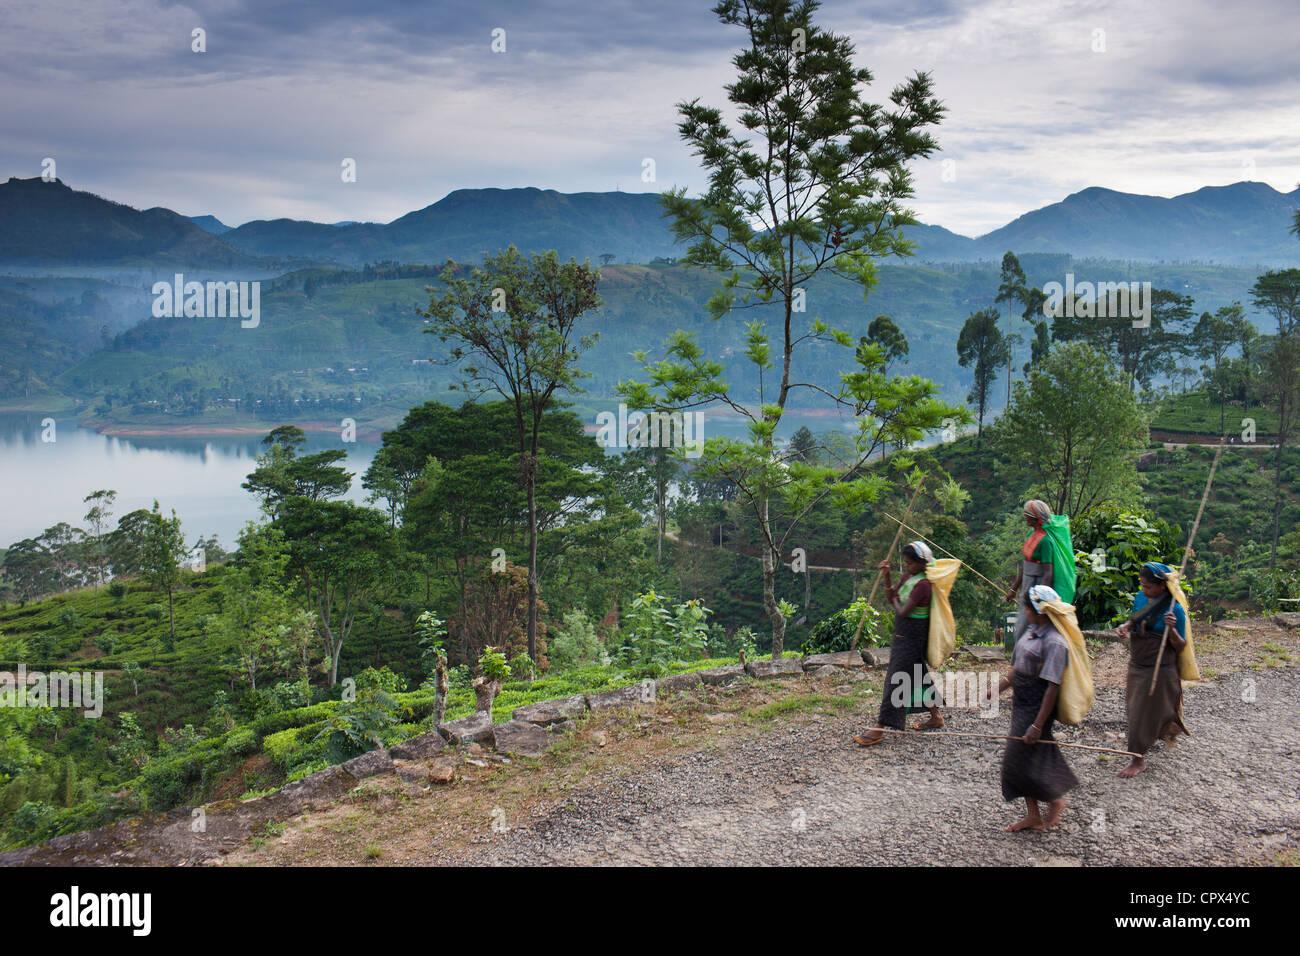 Cueilleurs de thé sur leur façon de travailler sur une plantation près de Hatton, hauts plateaux Photo Stock